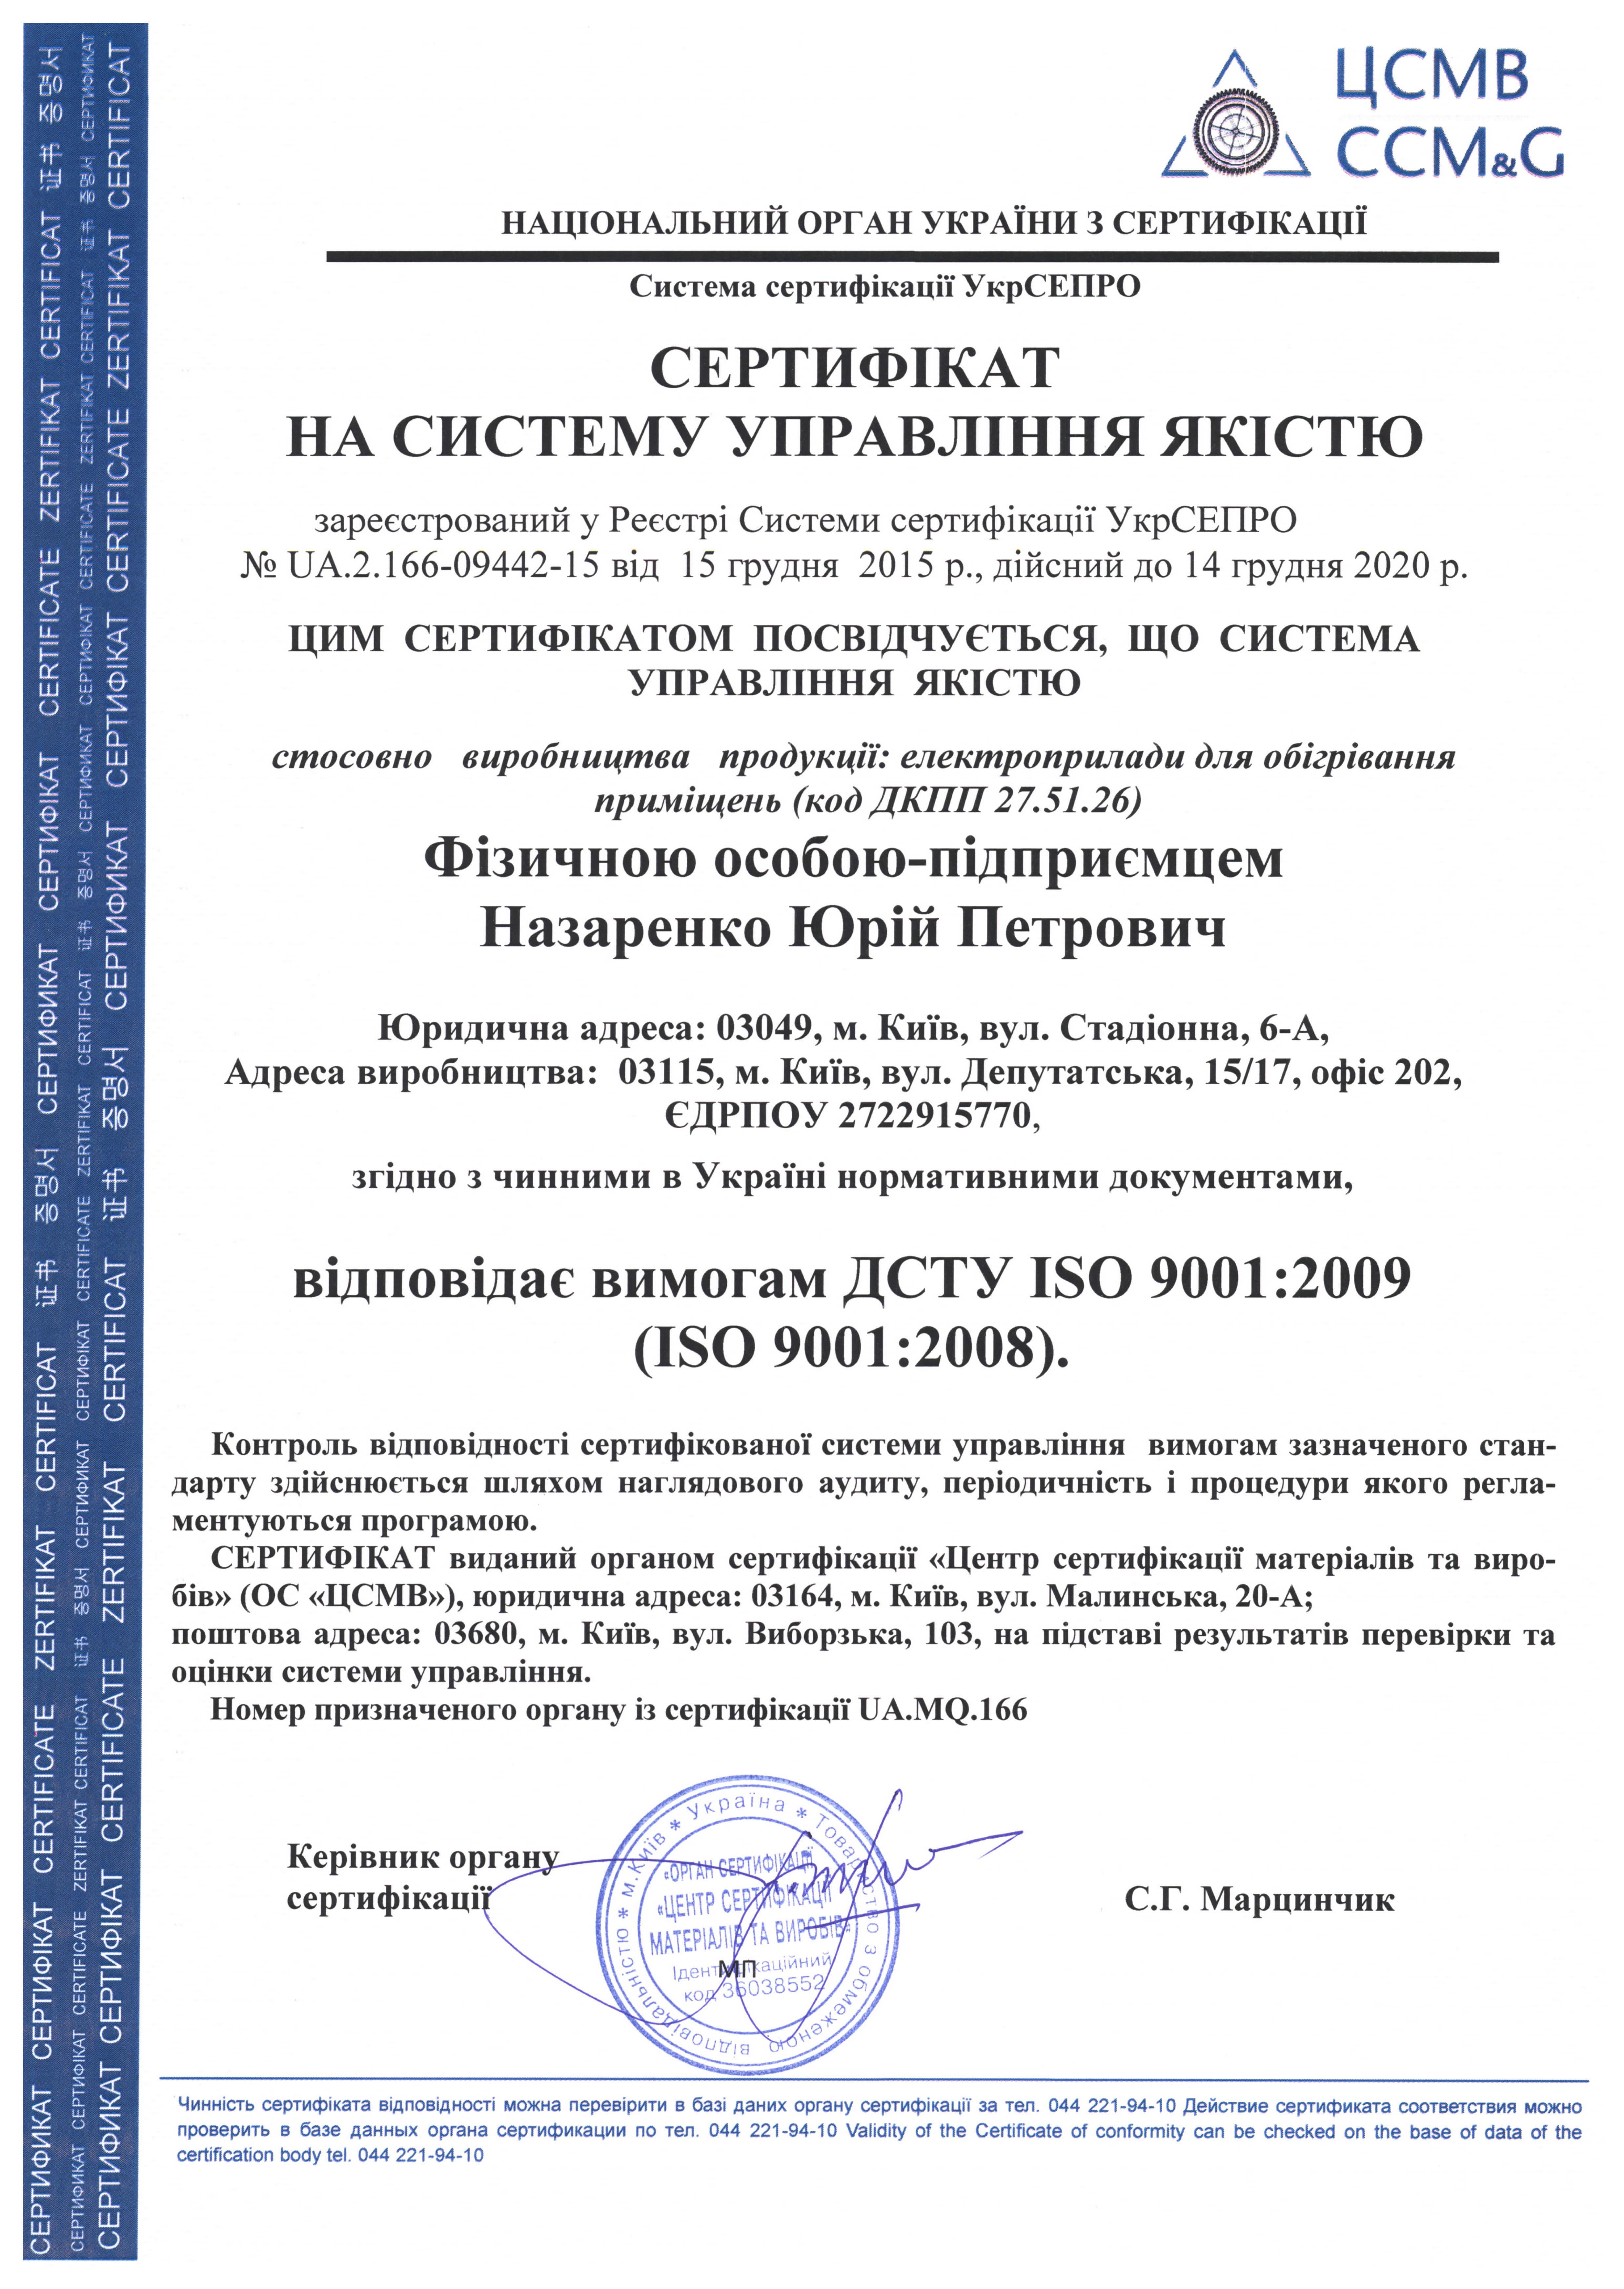 Инструкция о порядке согласования применения электрокотлов 2018